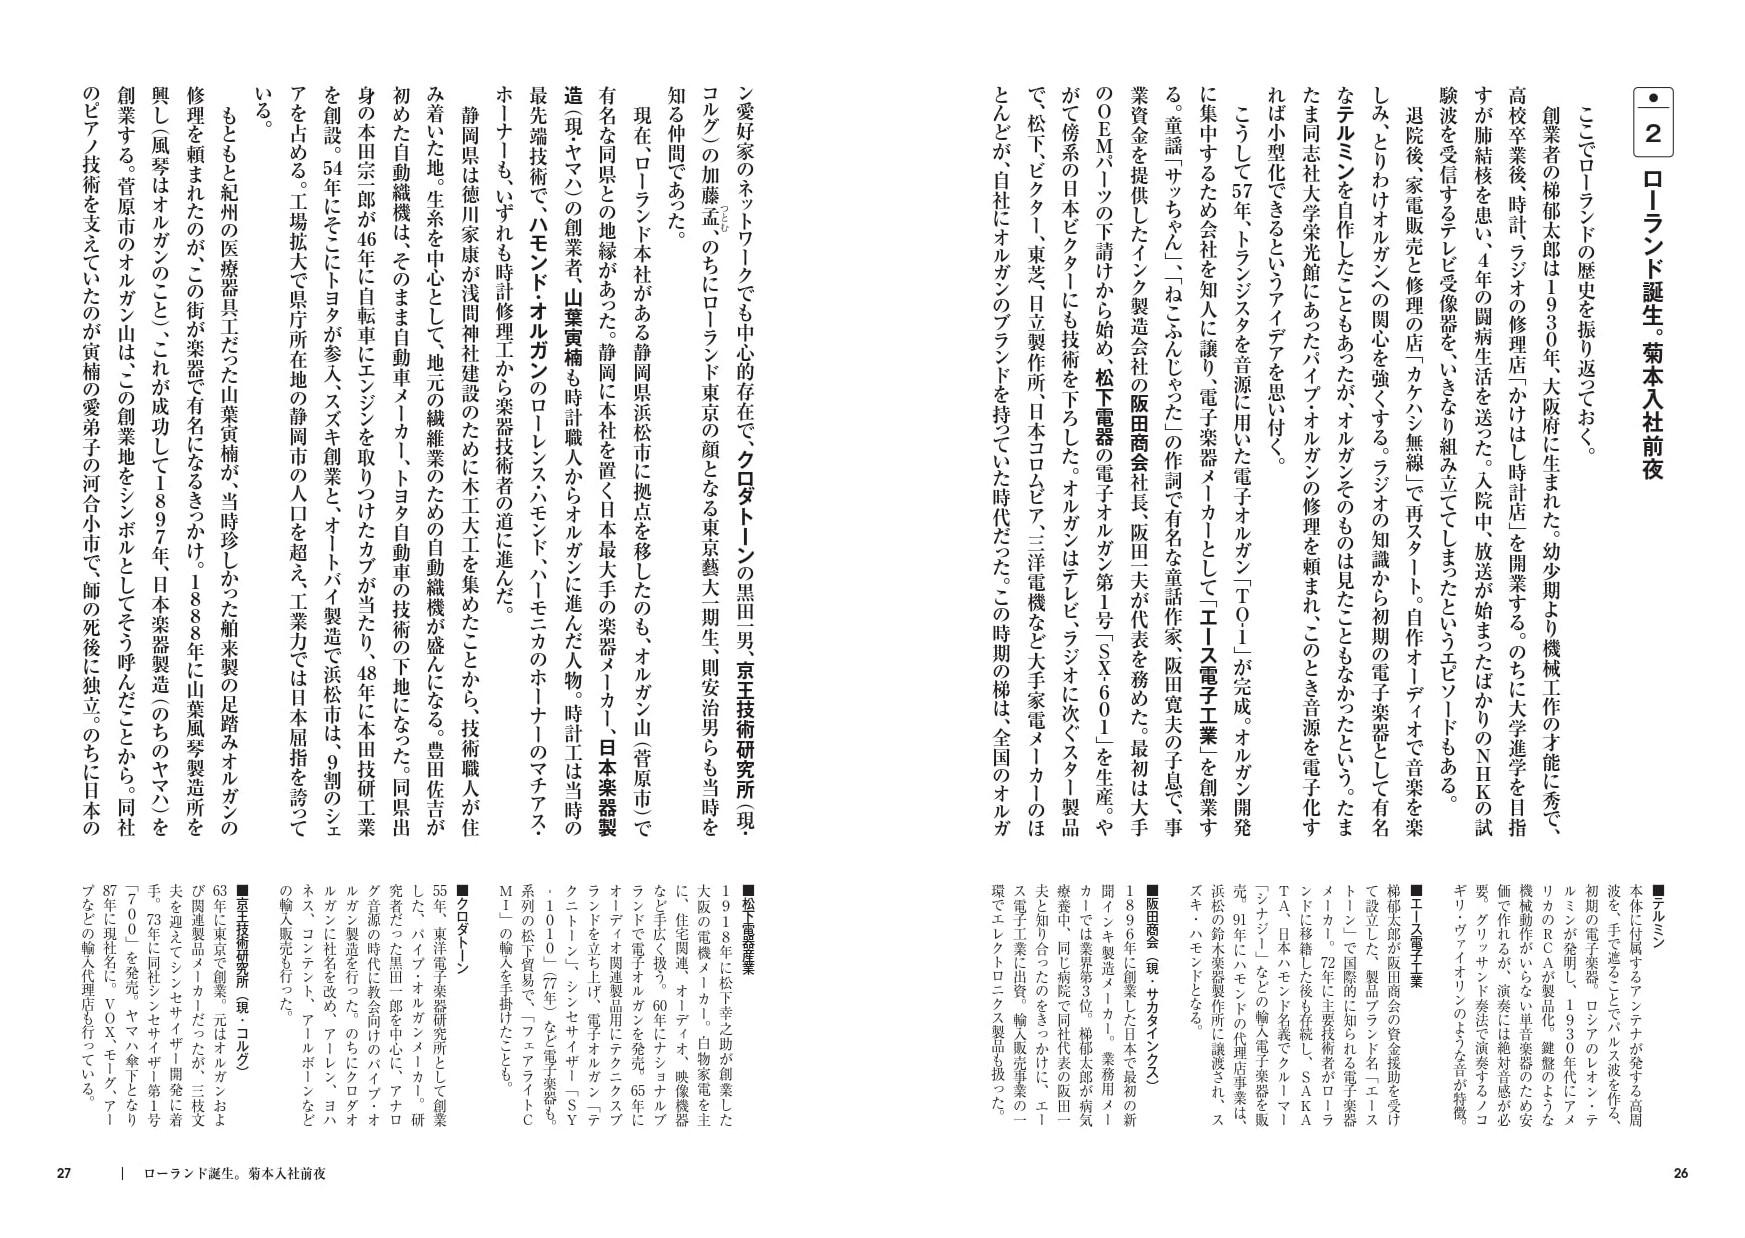 田中雄二 - TR-808<ヤオヤ>を作った神々 ──菊本忠男との対話──電子音楽 in JAPAN外伝 : BOOK gallery 2